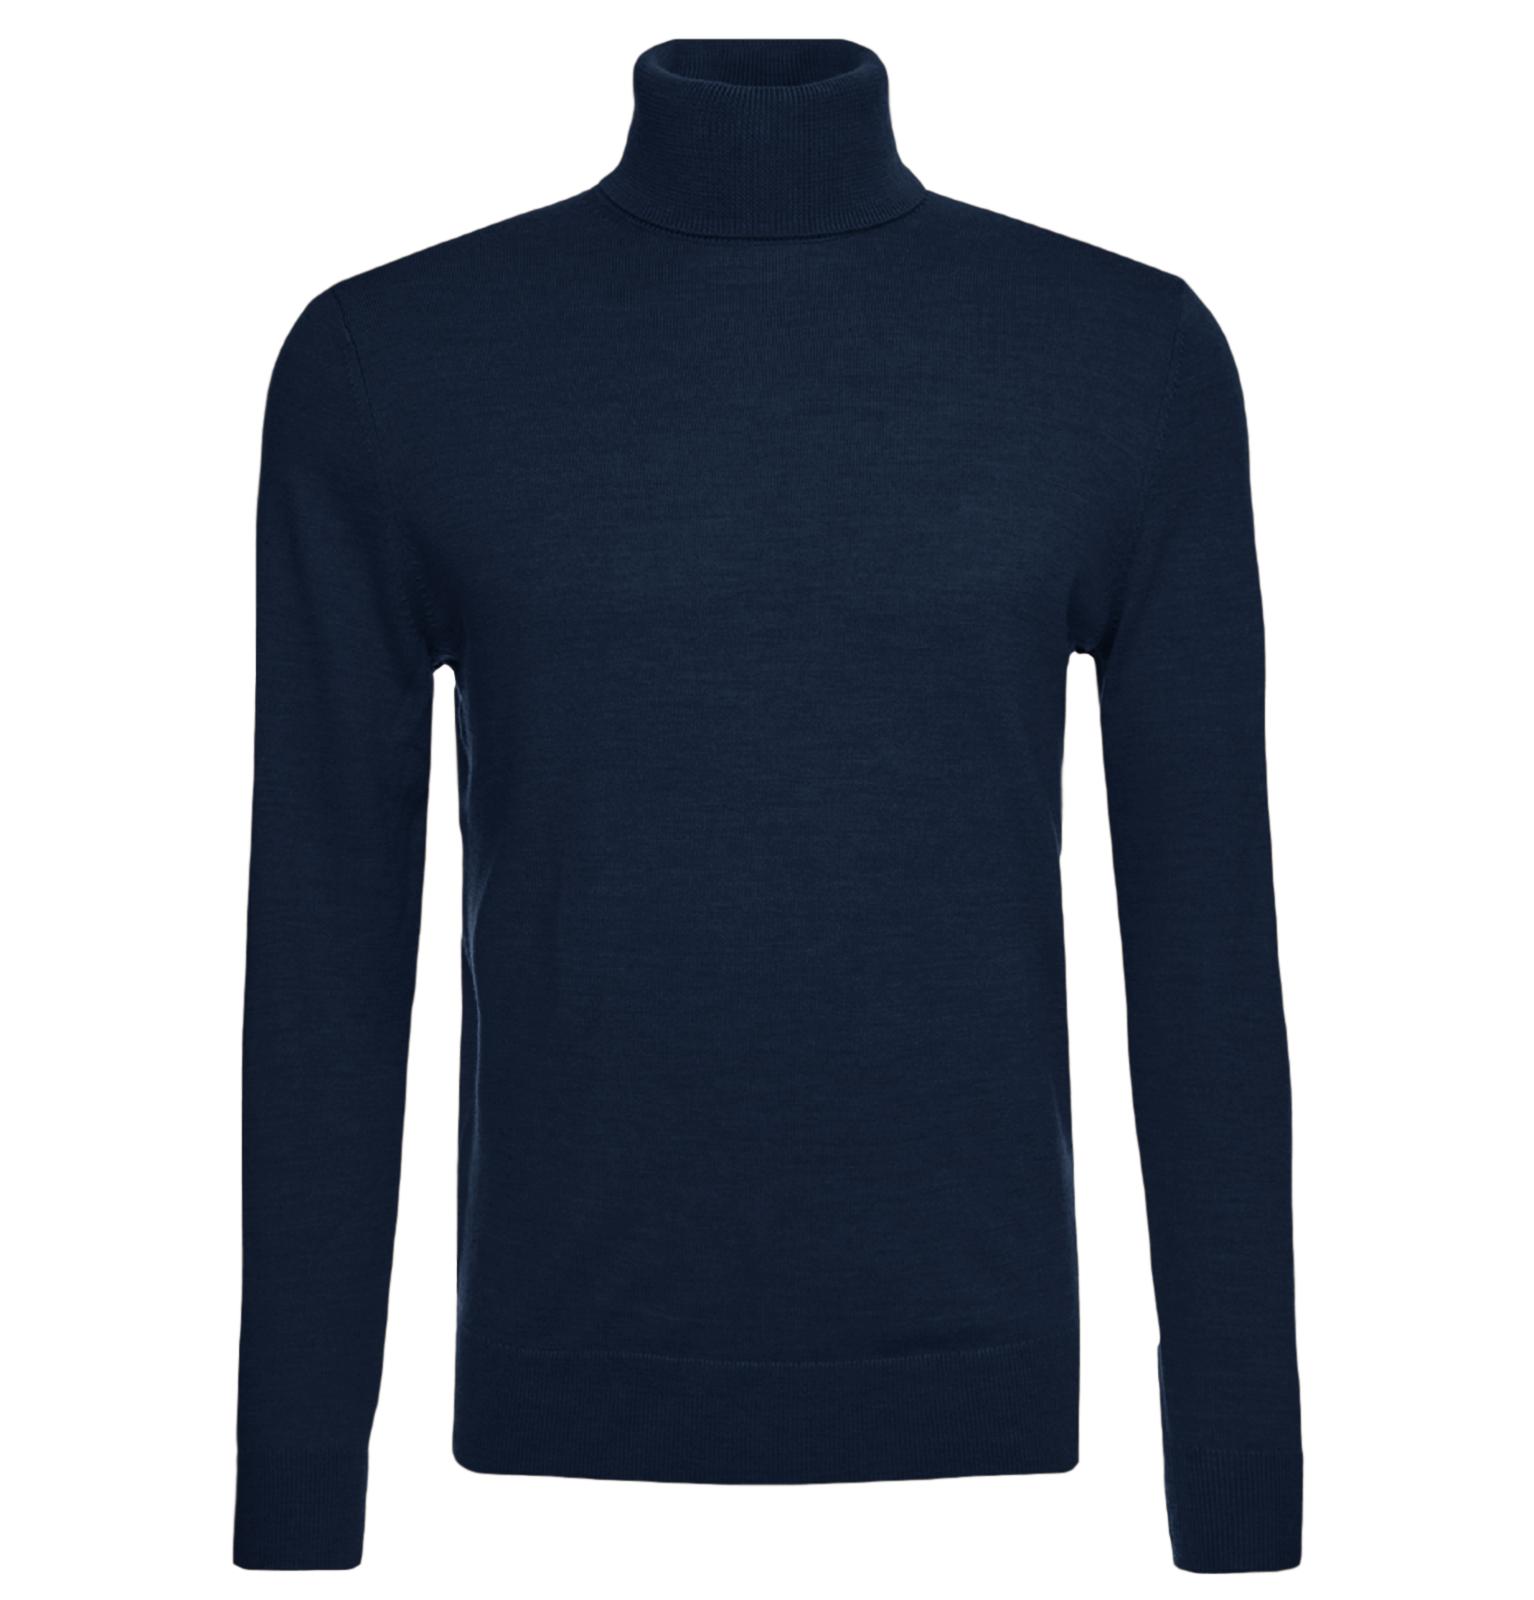 Maglione-Uomo-Collo-Alto-Lana-Slim-Fit-Maglia-Blu-verde-nero-Dolce-Vita miniatura 20